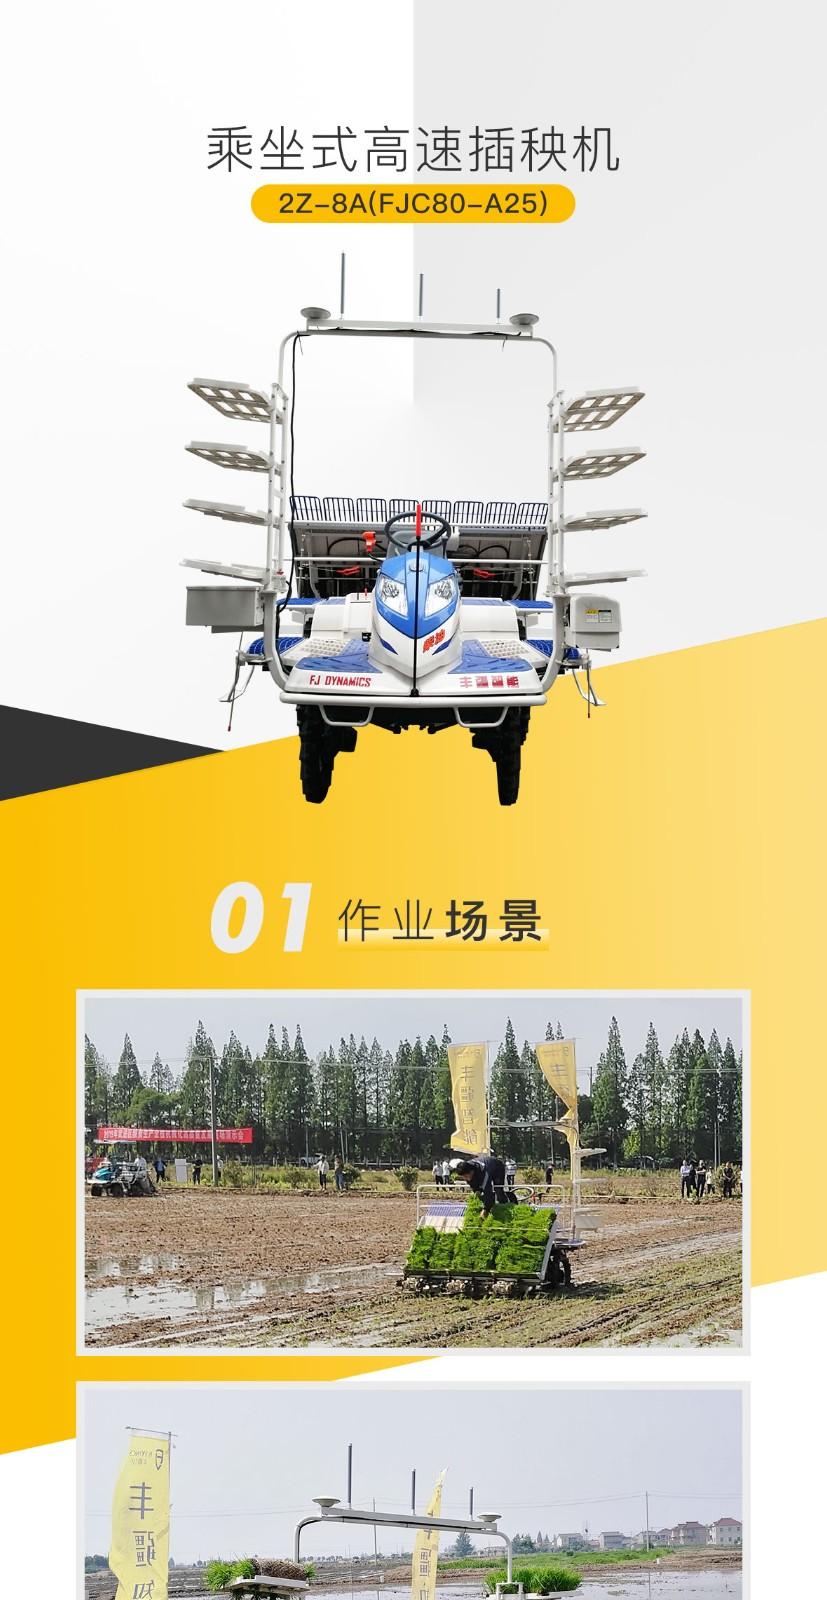 高速插秧机-2Z-8A(FJC80-A25)_01